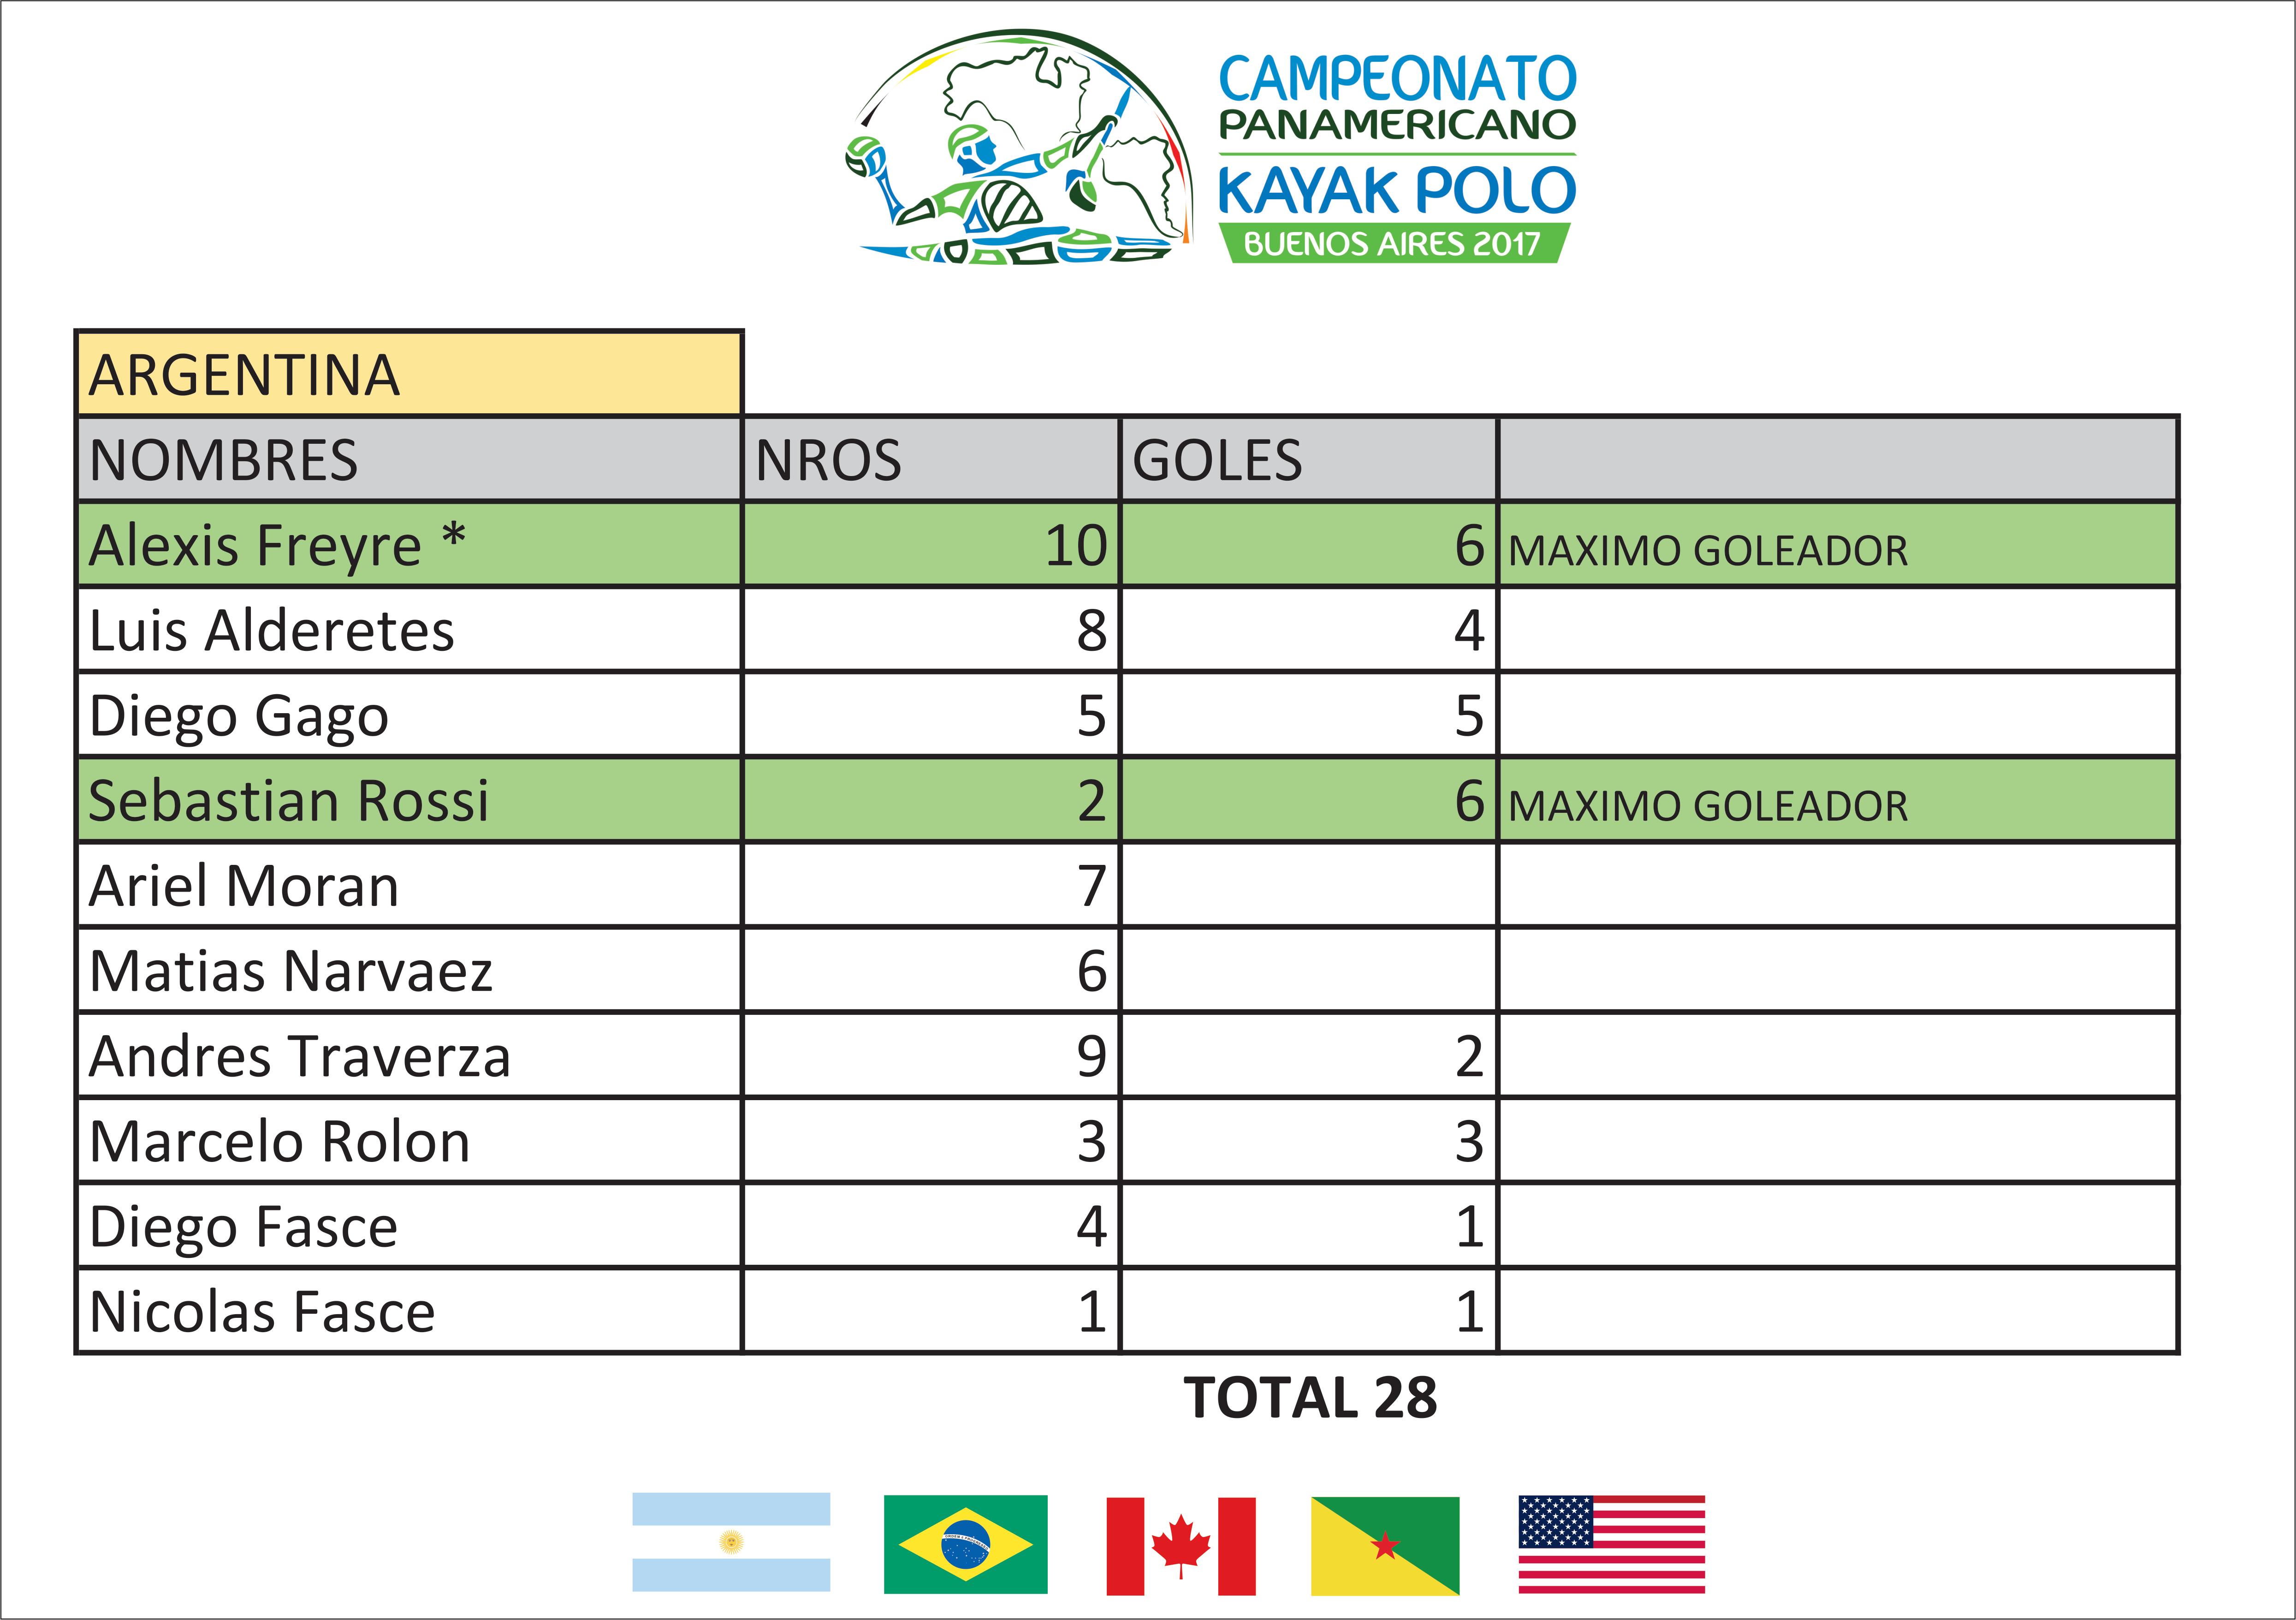 Argentina Goleadores - Panamericano